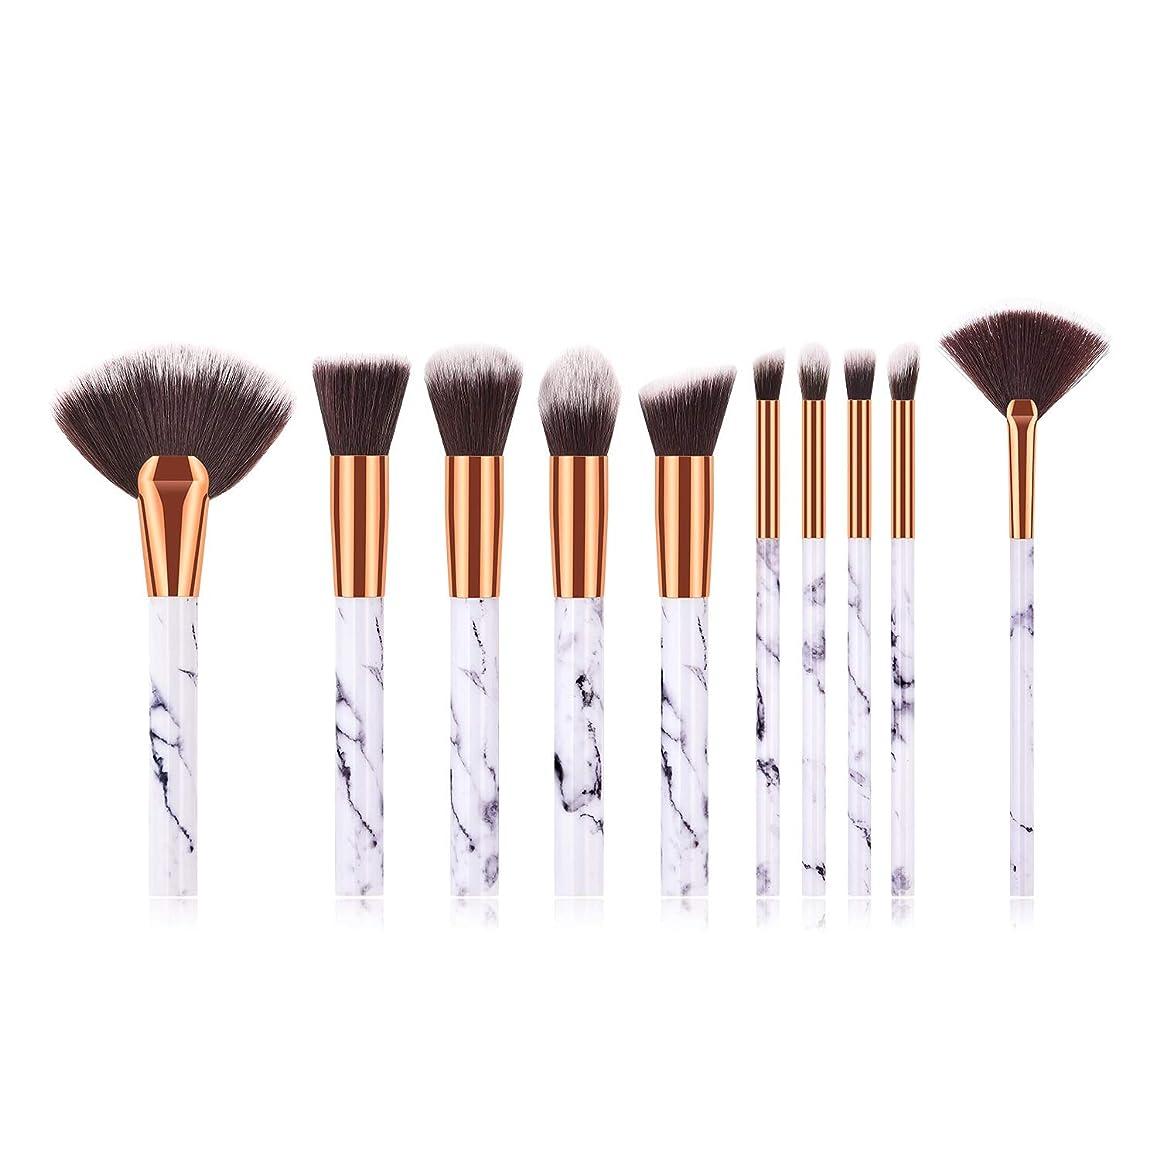 連帯もの技術的なメイクアップ 10個大理石化粧ブラシ - パフ - ベルトバッグアイシャドウパウダーブラシ美容ツールTes